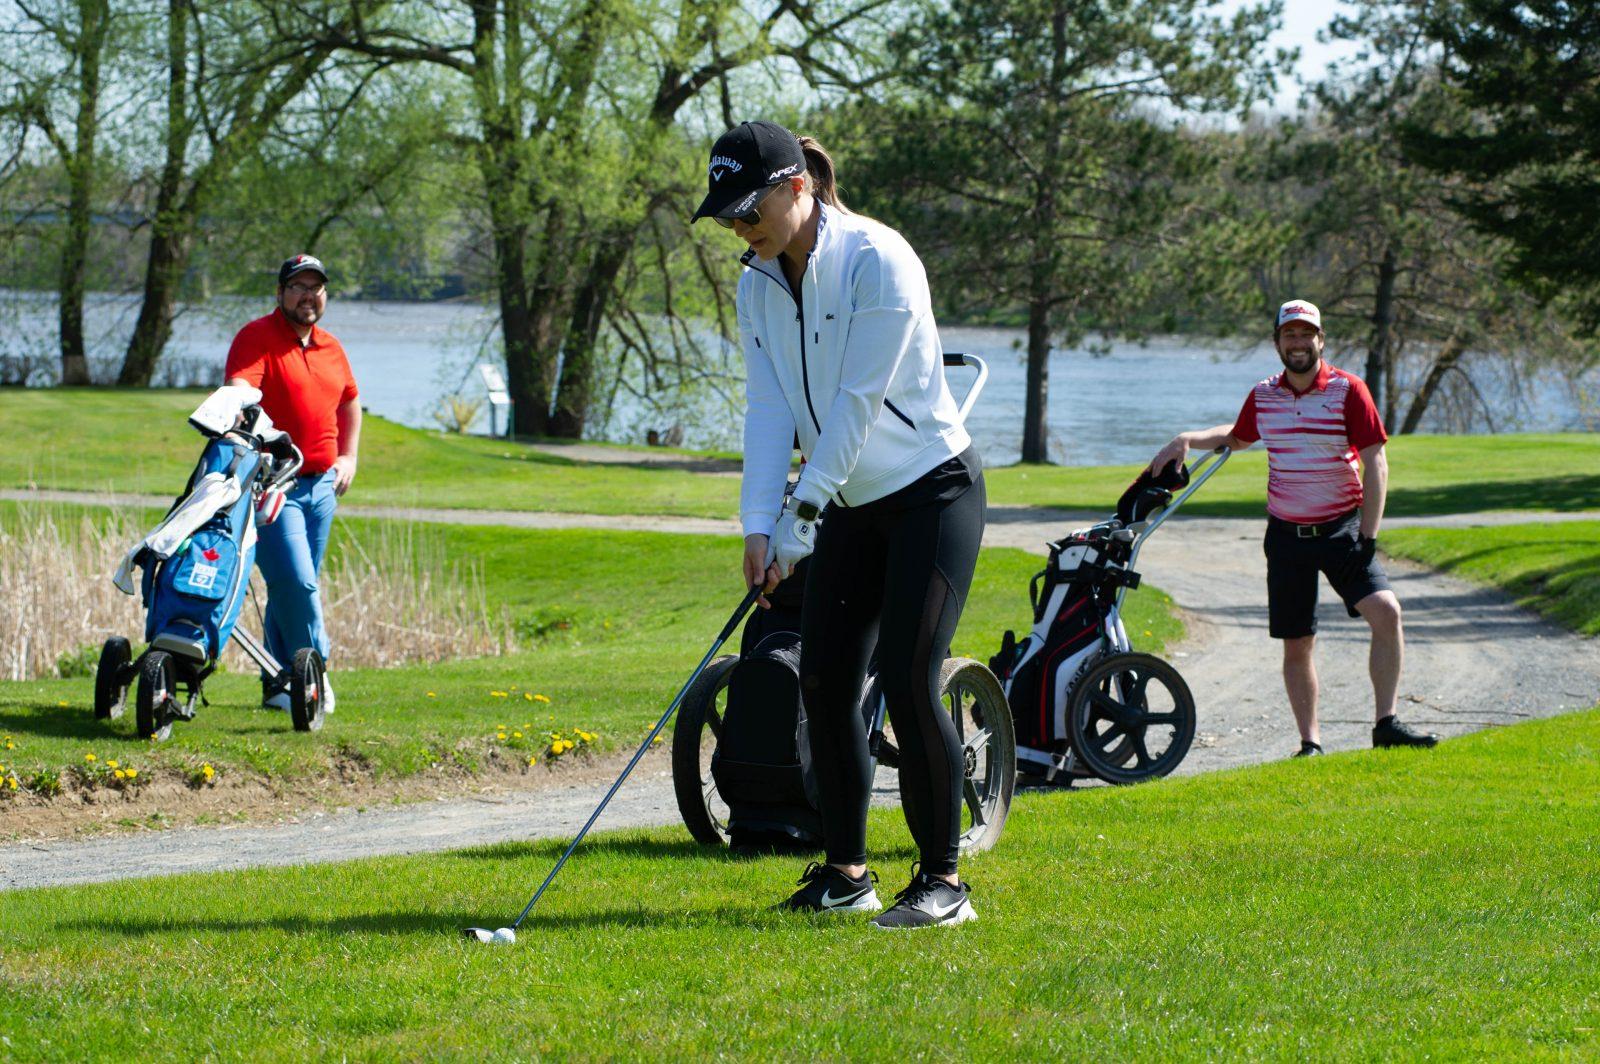 Les terrains de golf et de tennis pris d'assaut (photos)